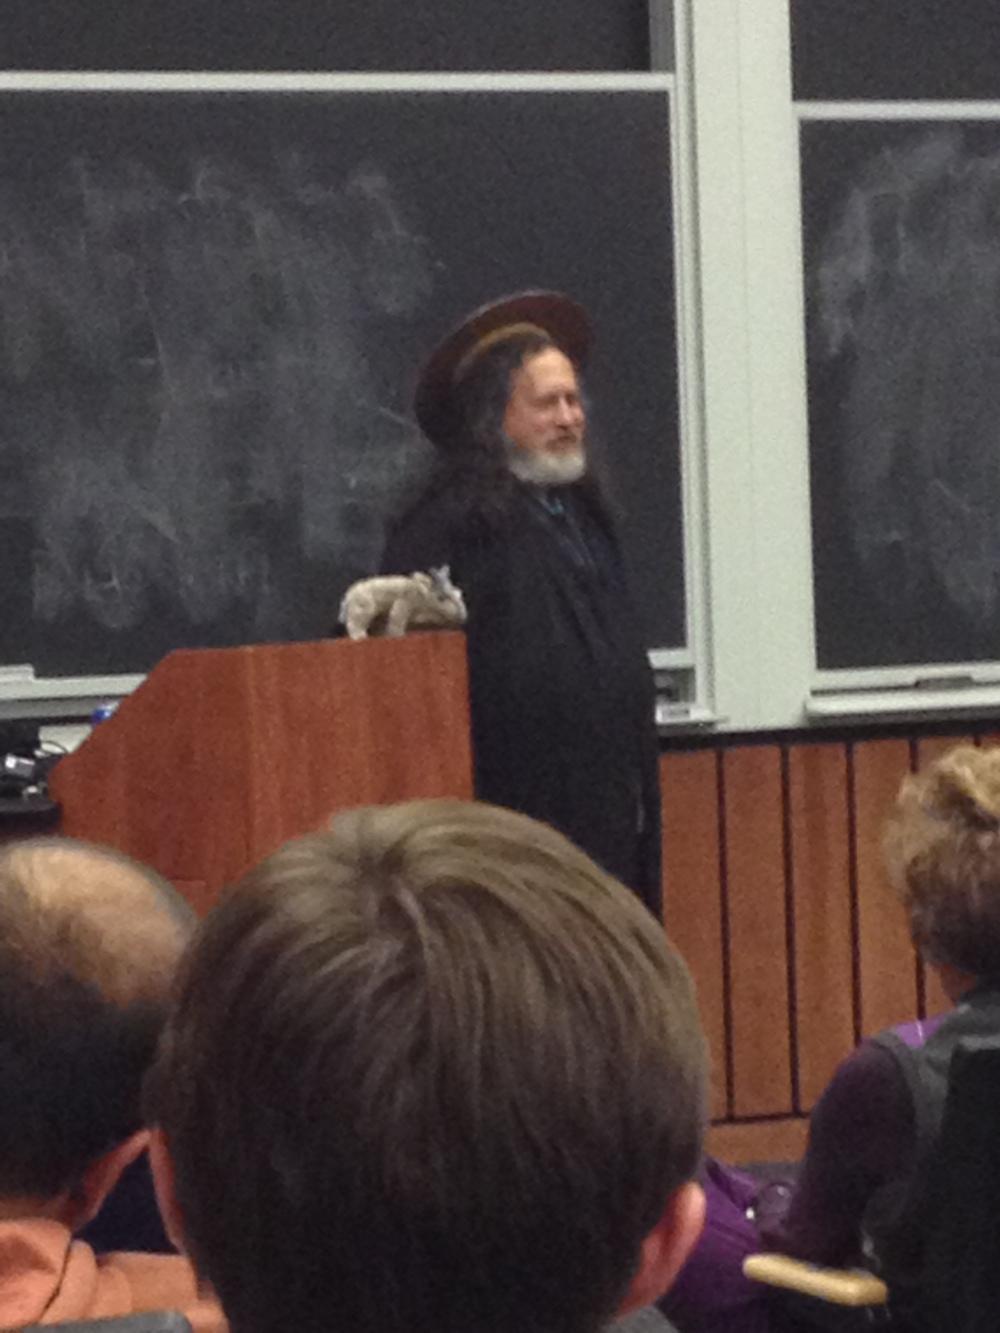 Stallman's alter ego, St. I-GNU-tius